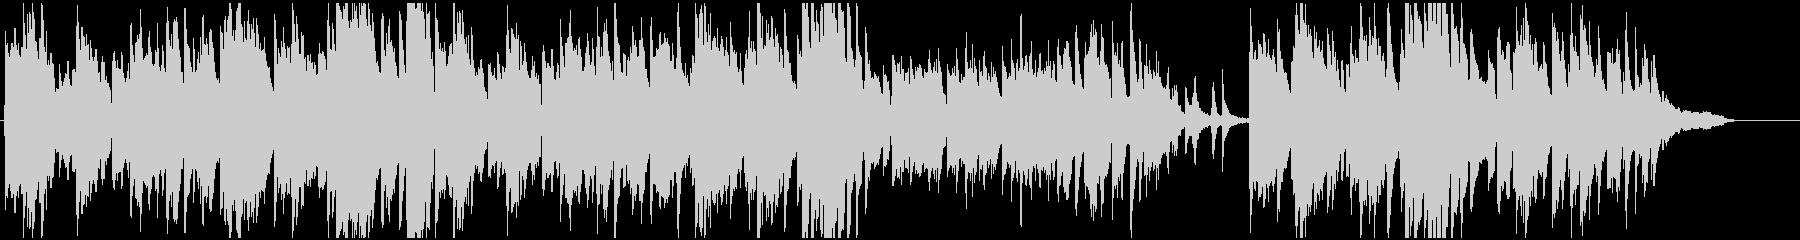 ピアノソロ、切ないの未再生の波形